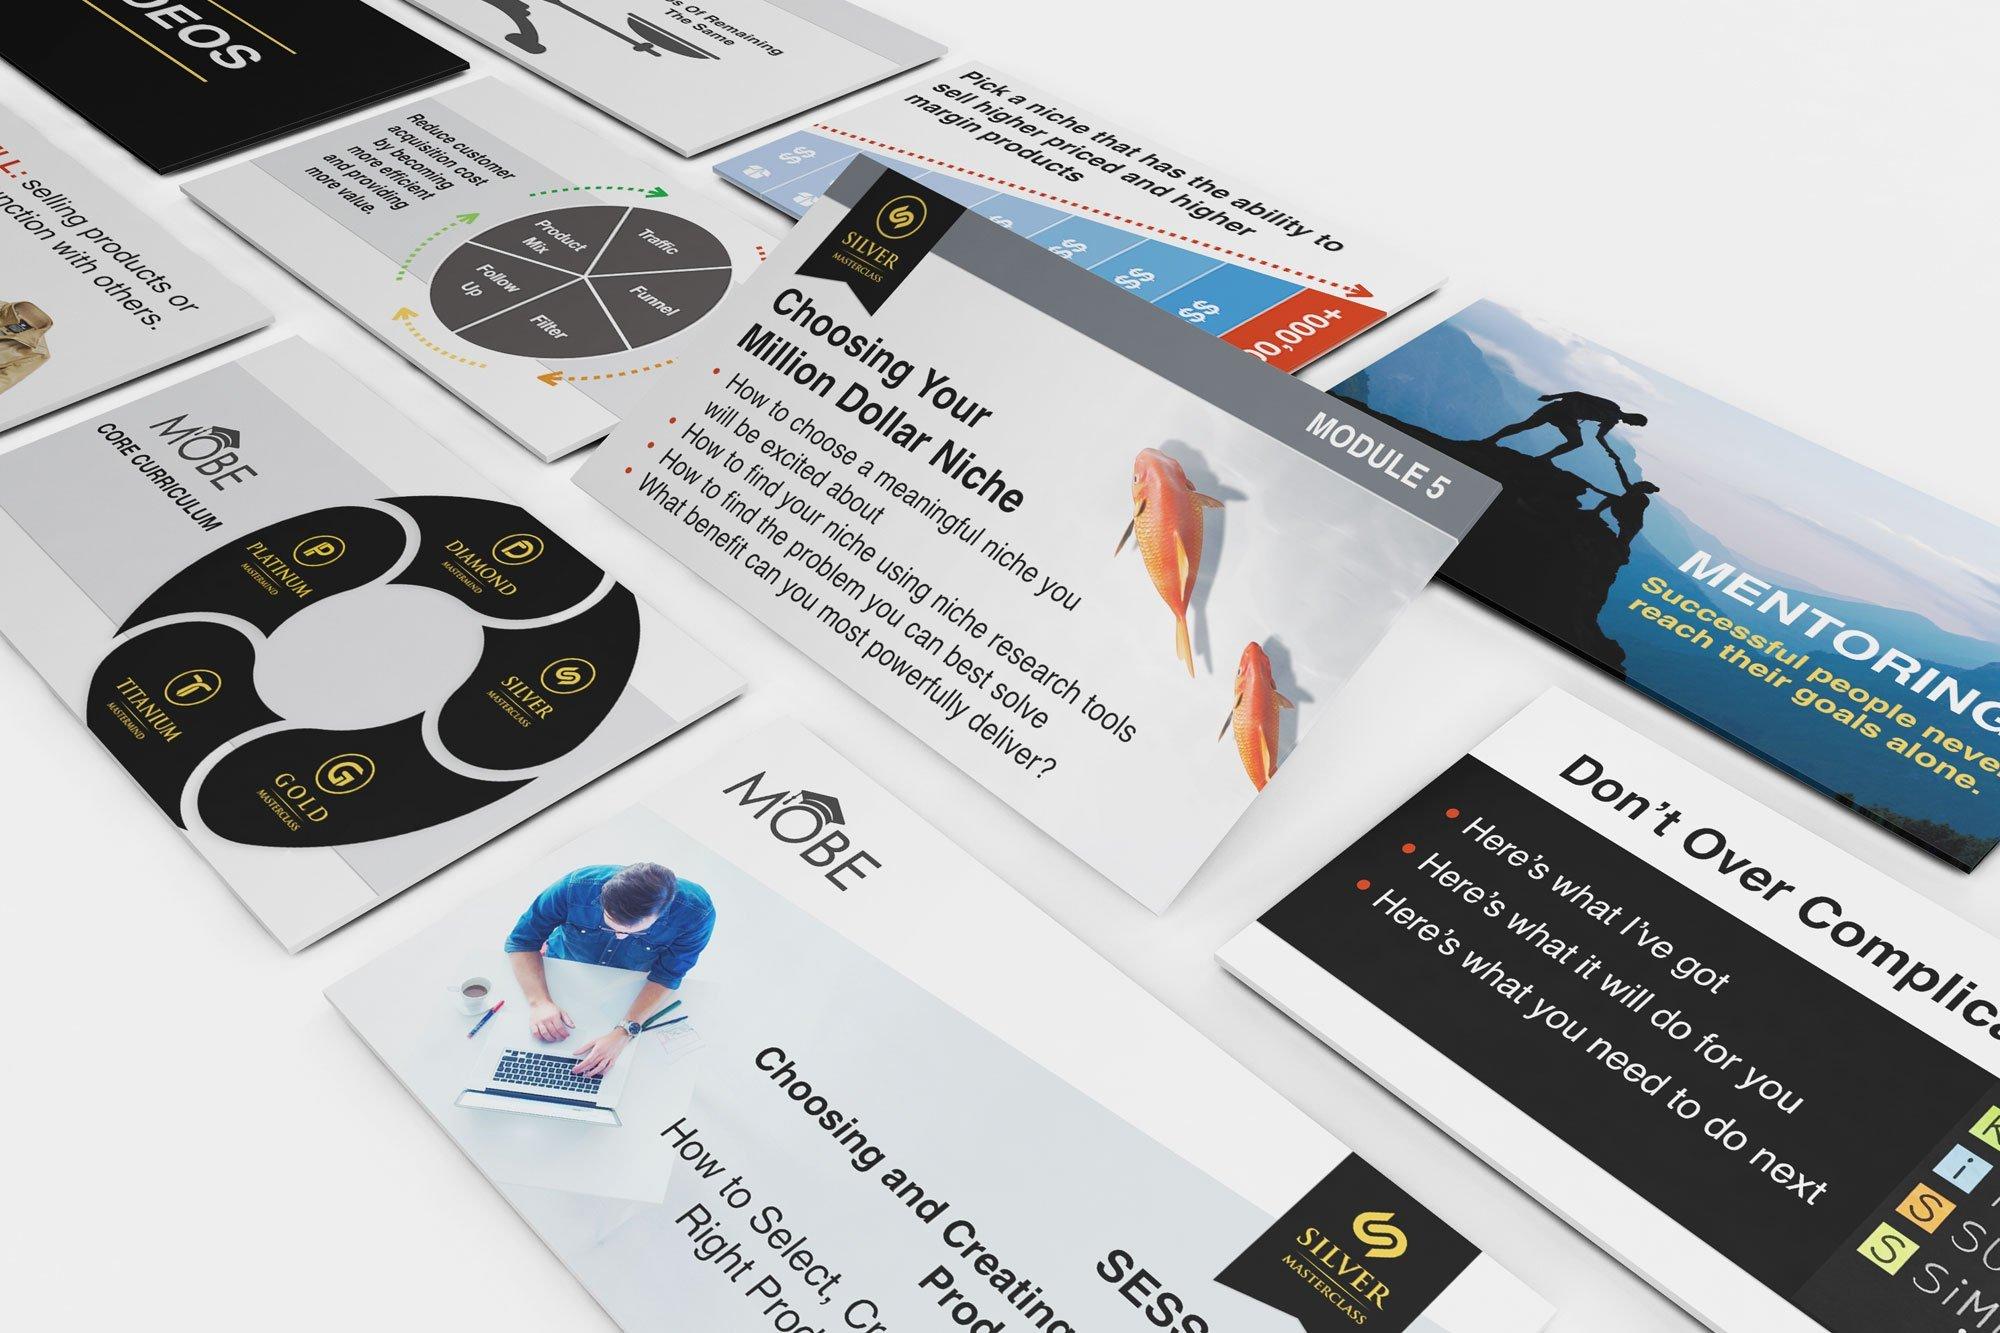 Keynote Online Course Slide Design